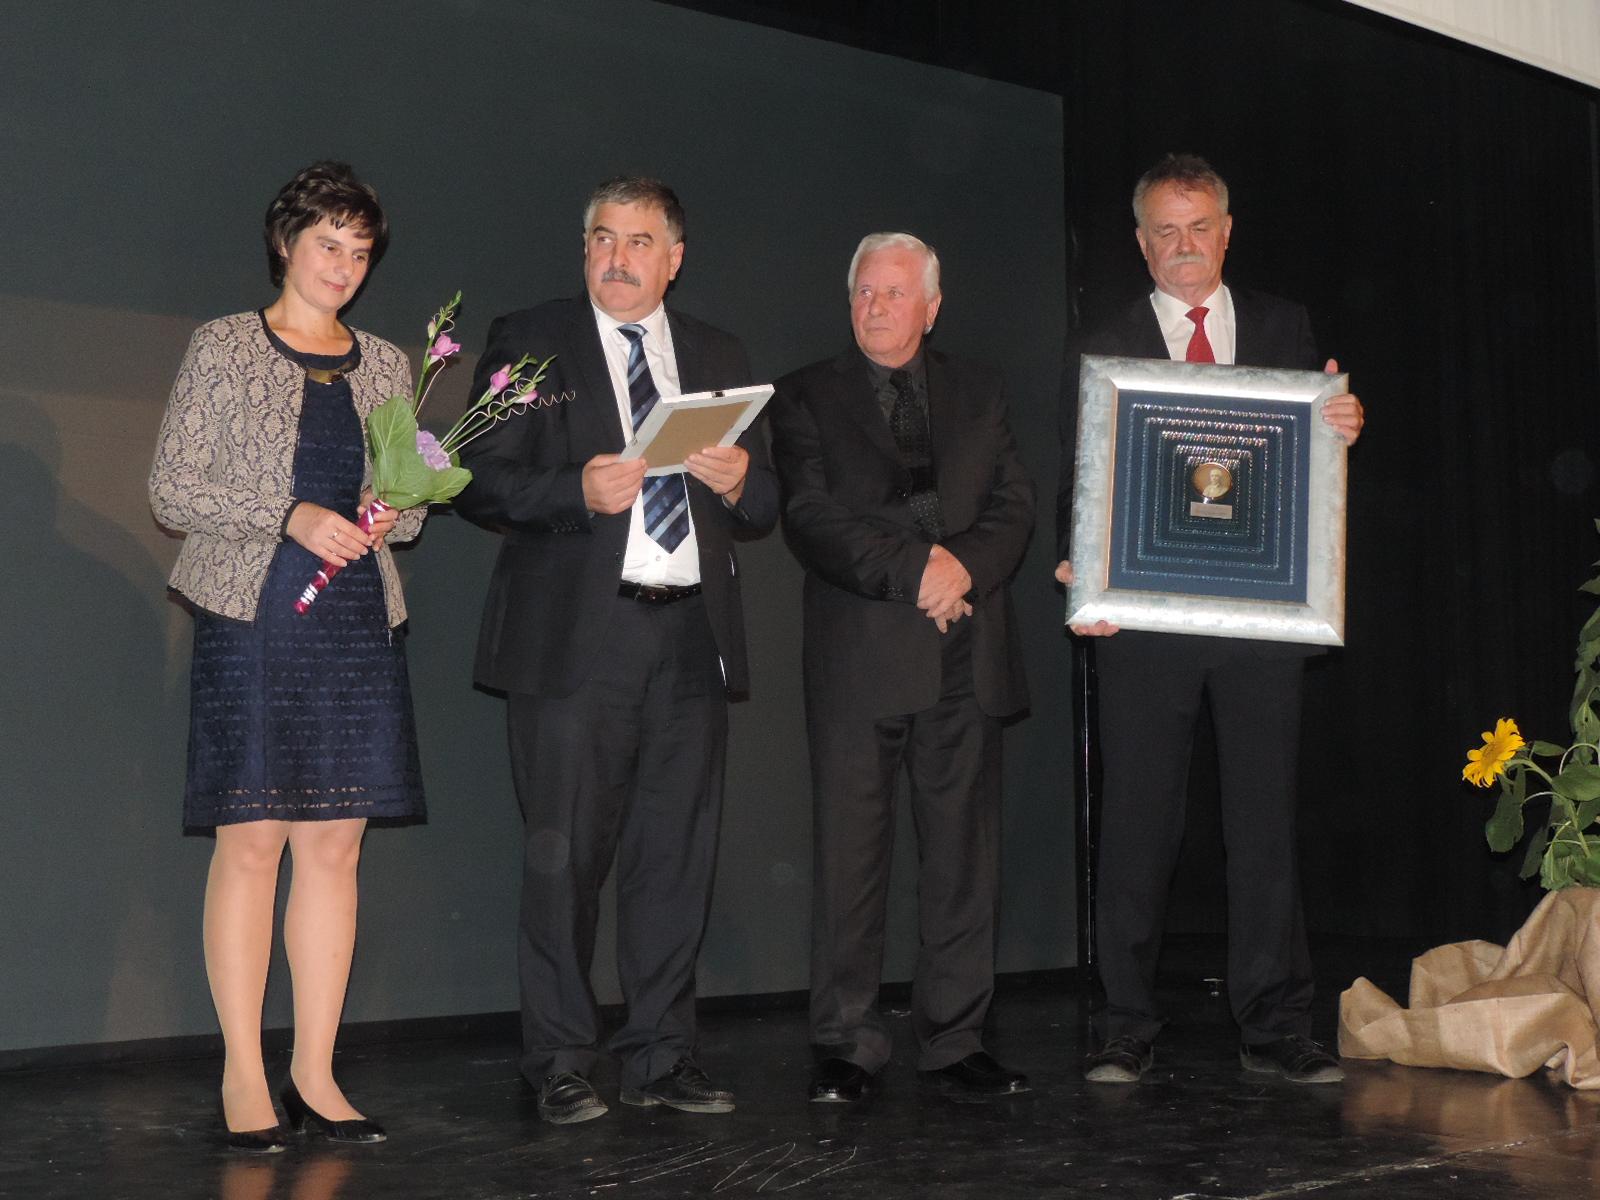 Zaposlenim v vzgoji in izobraževanju podeljena priznanja in nagrade Karla Ozvalda